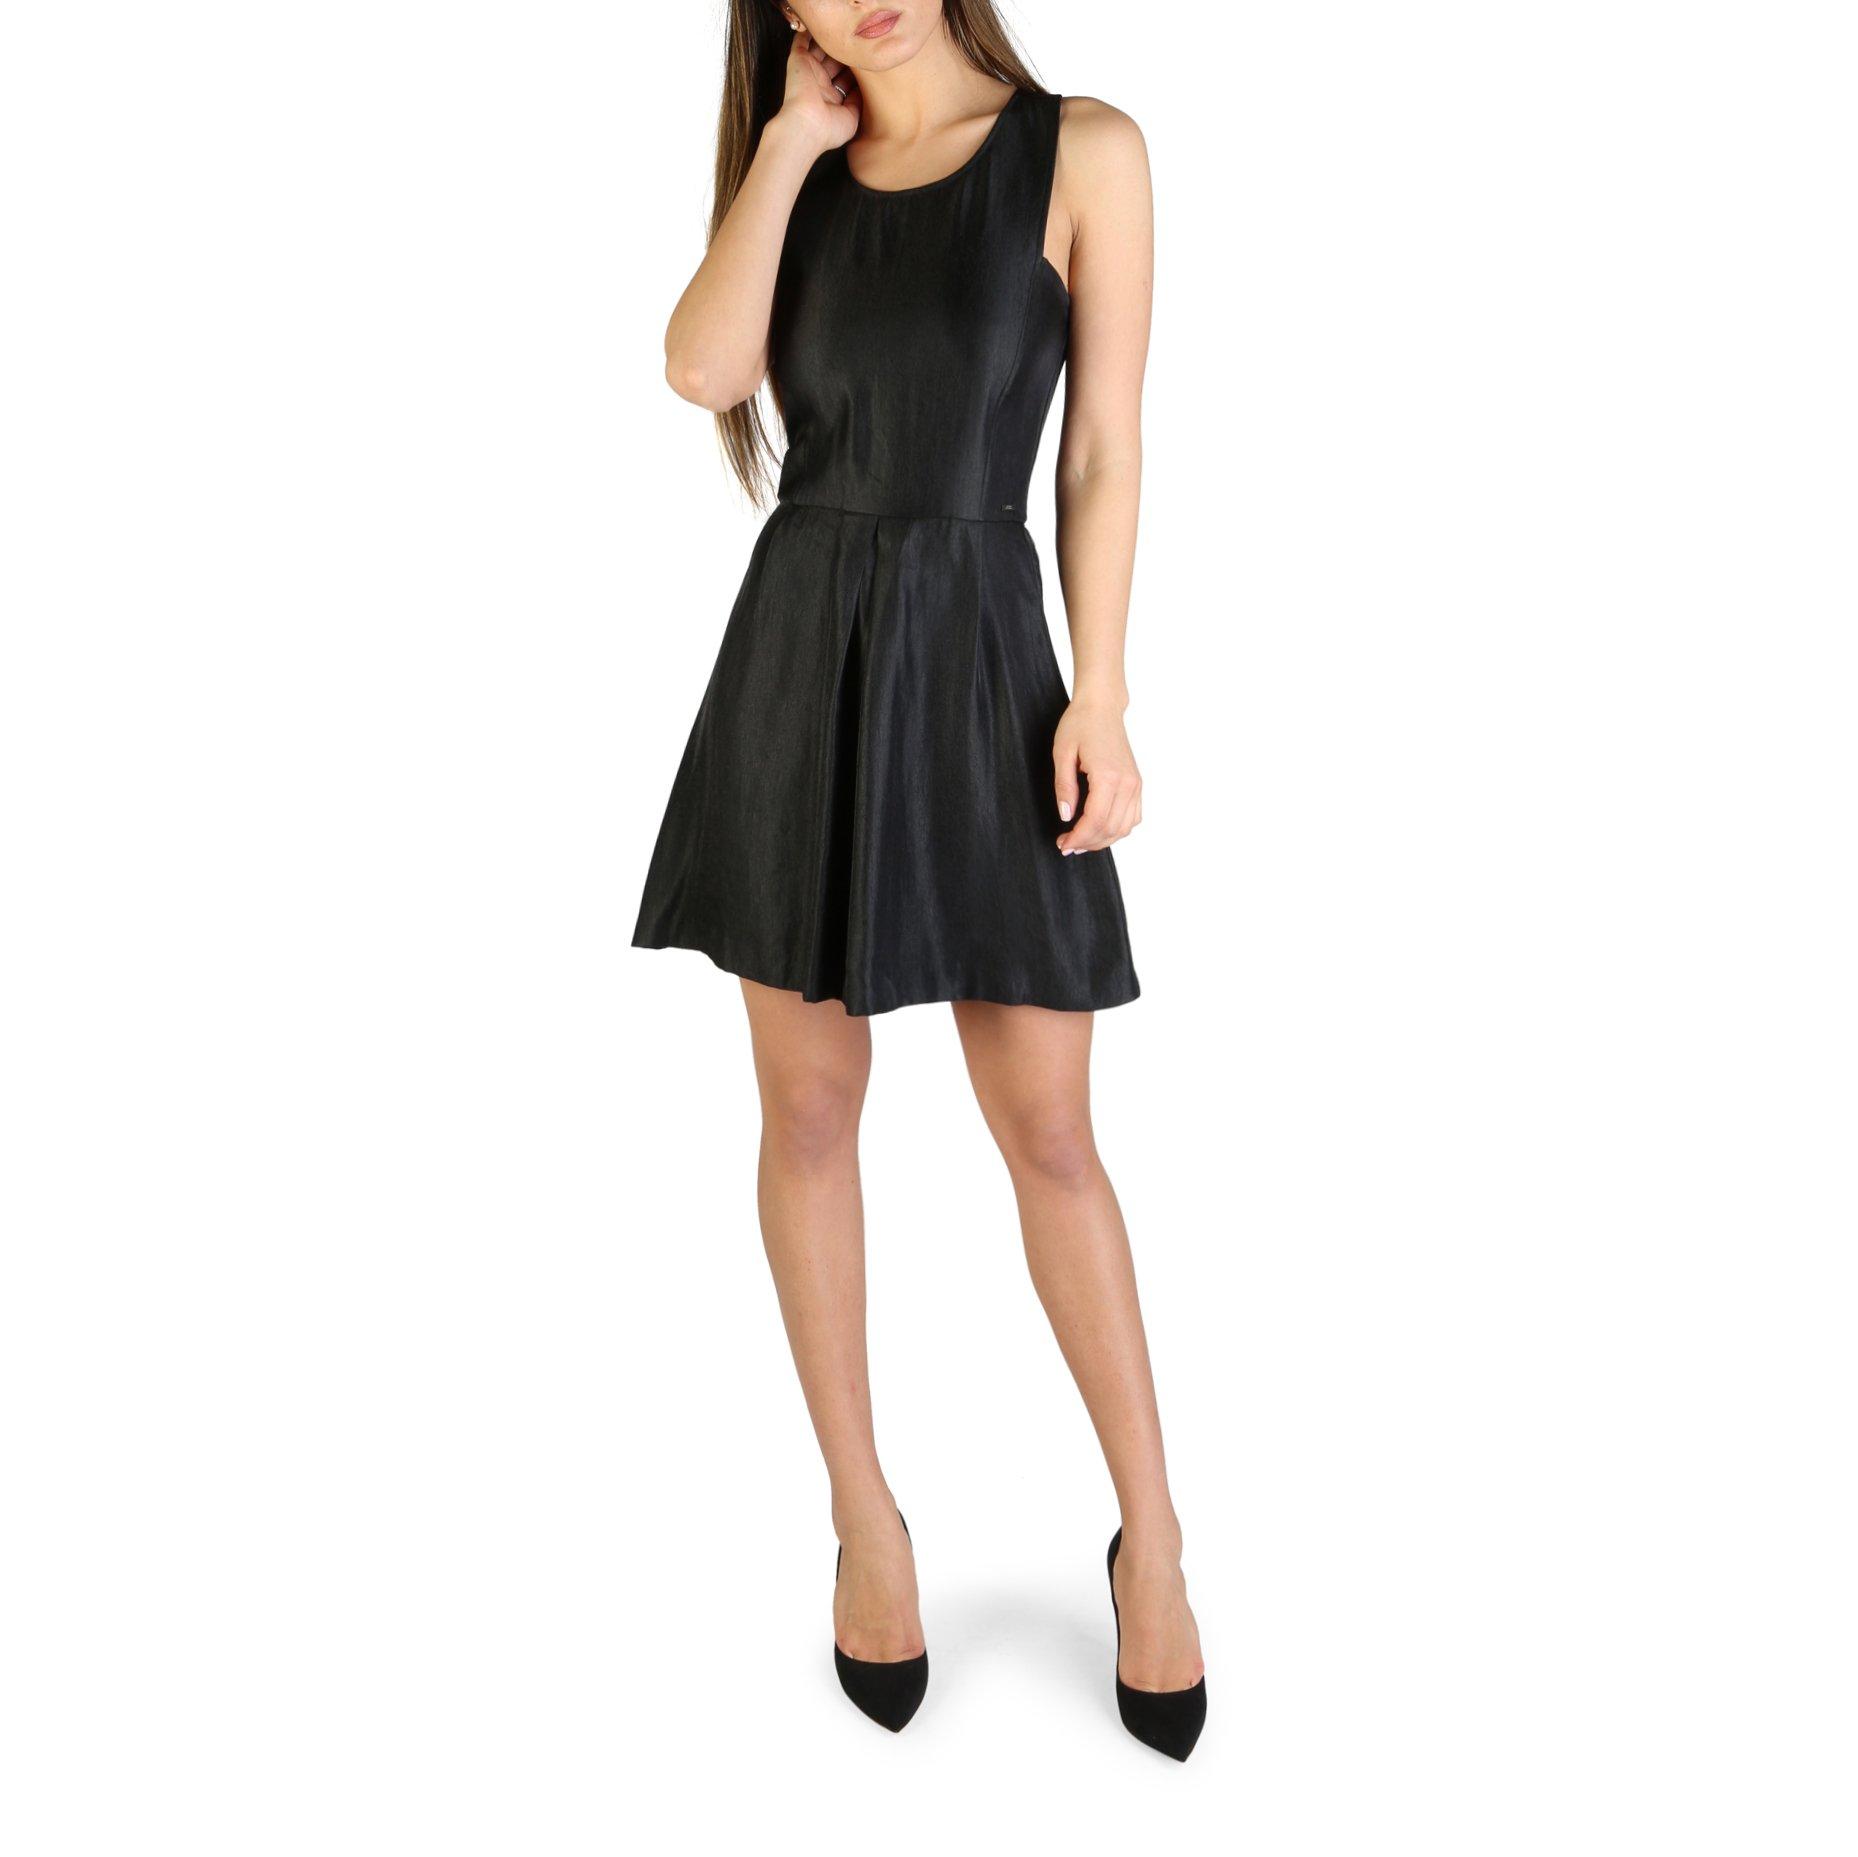 Armani Exchange Women's Dress Green 3ZYA55_YNANZ - black 8